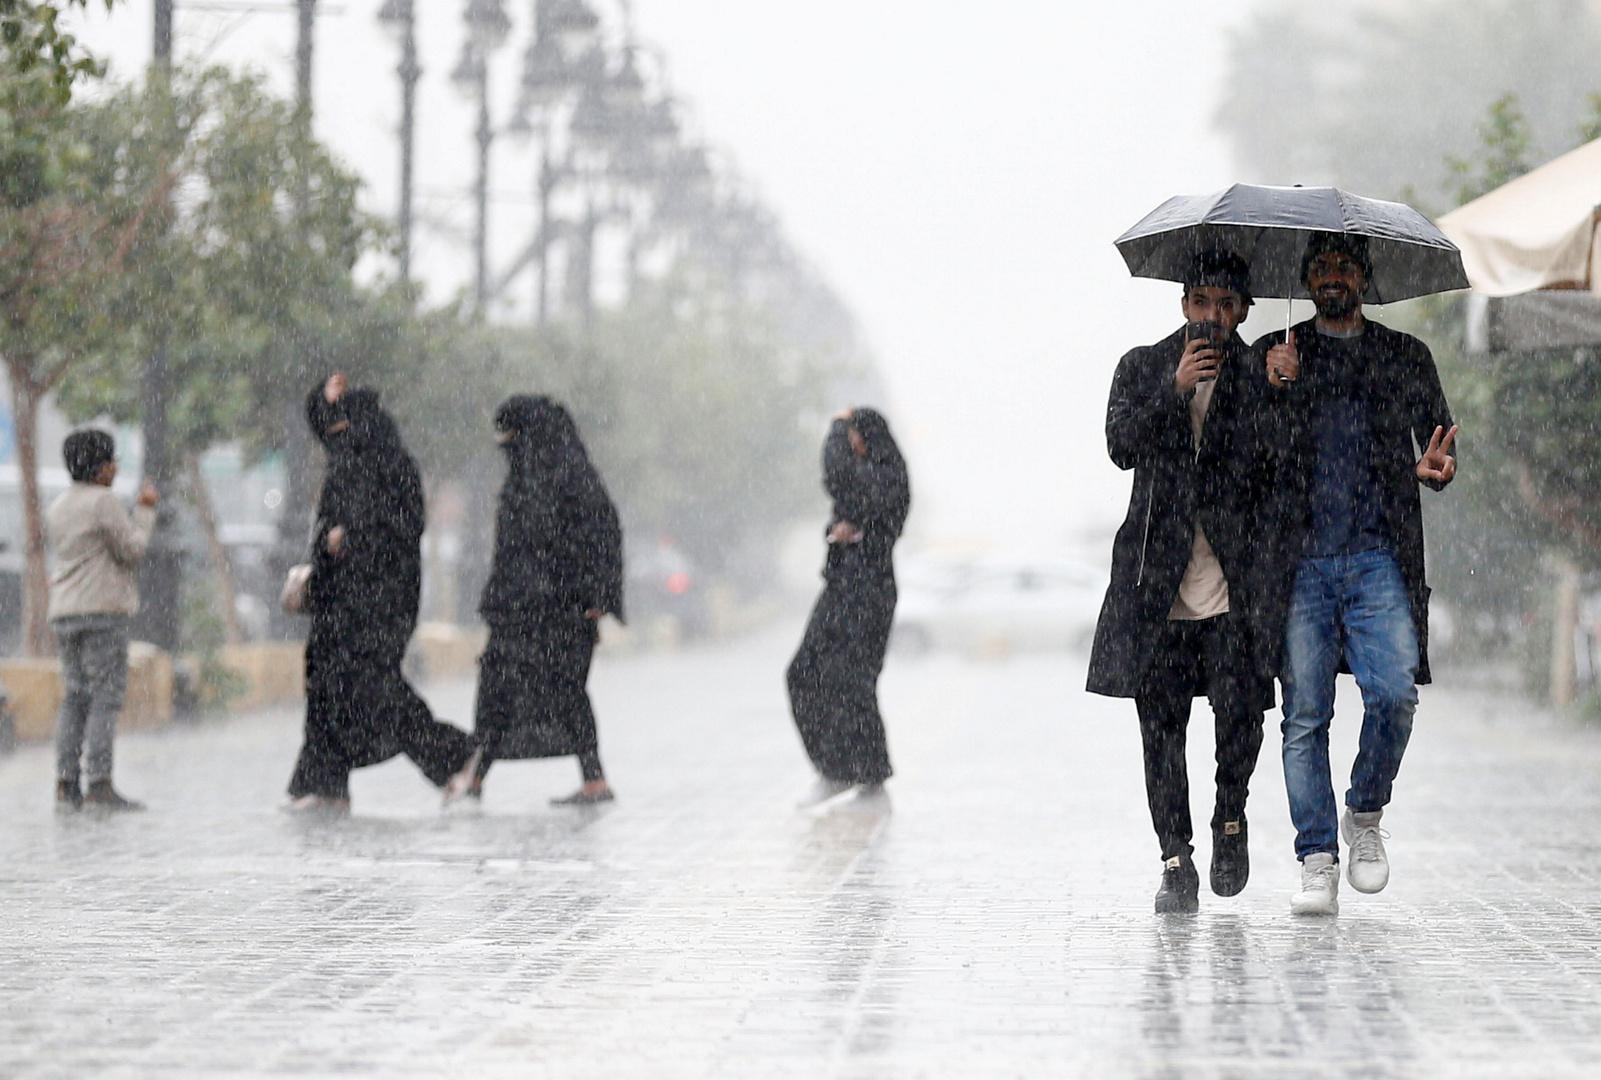 الأمطار الغزيرة في منطقة القصيم بالسعودية تحول الشوارع لبرك مائية (فيديو + صور)